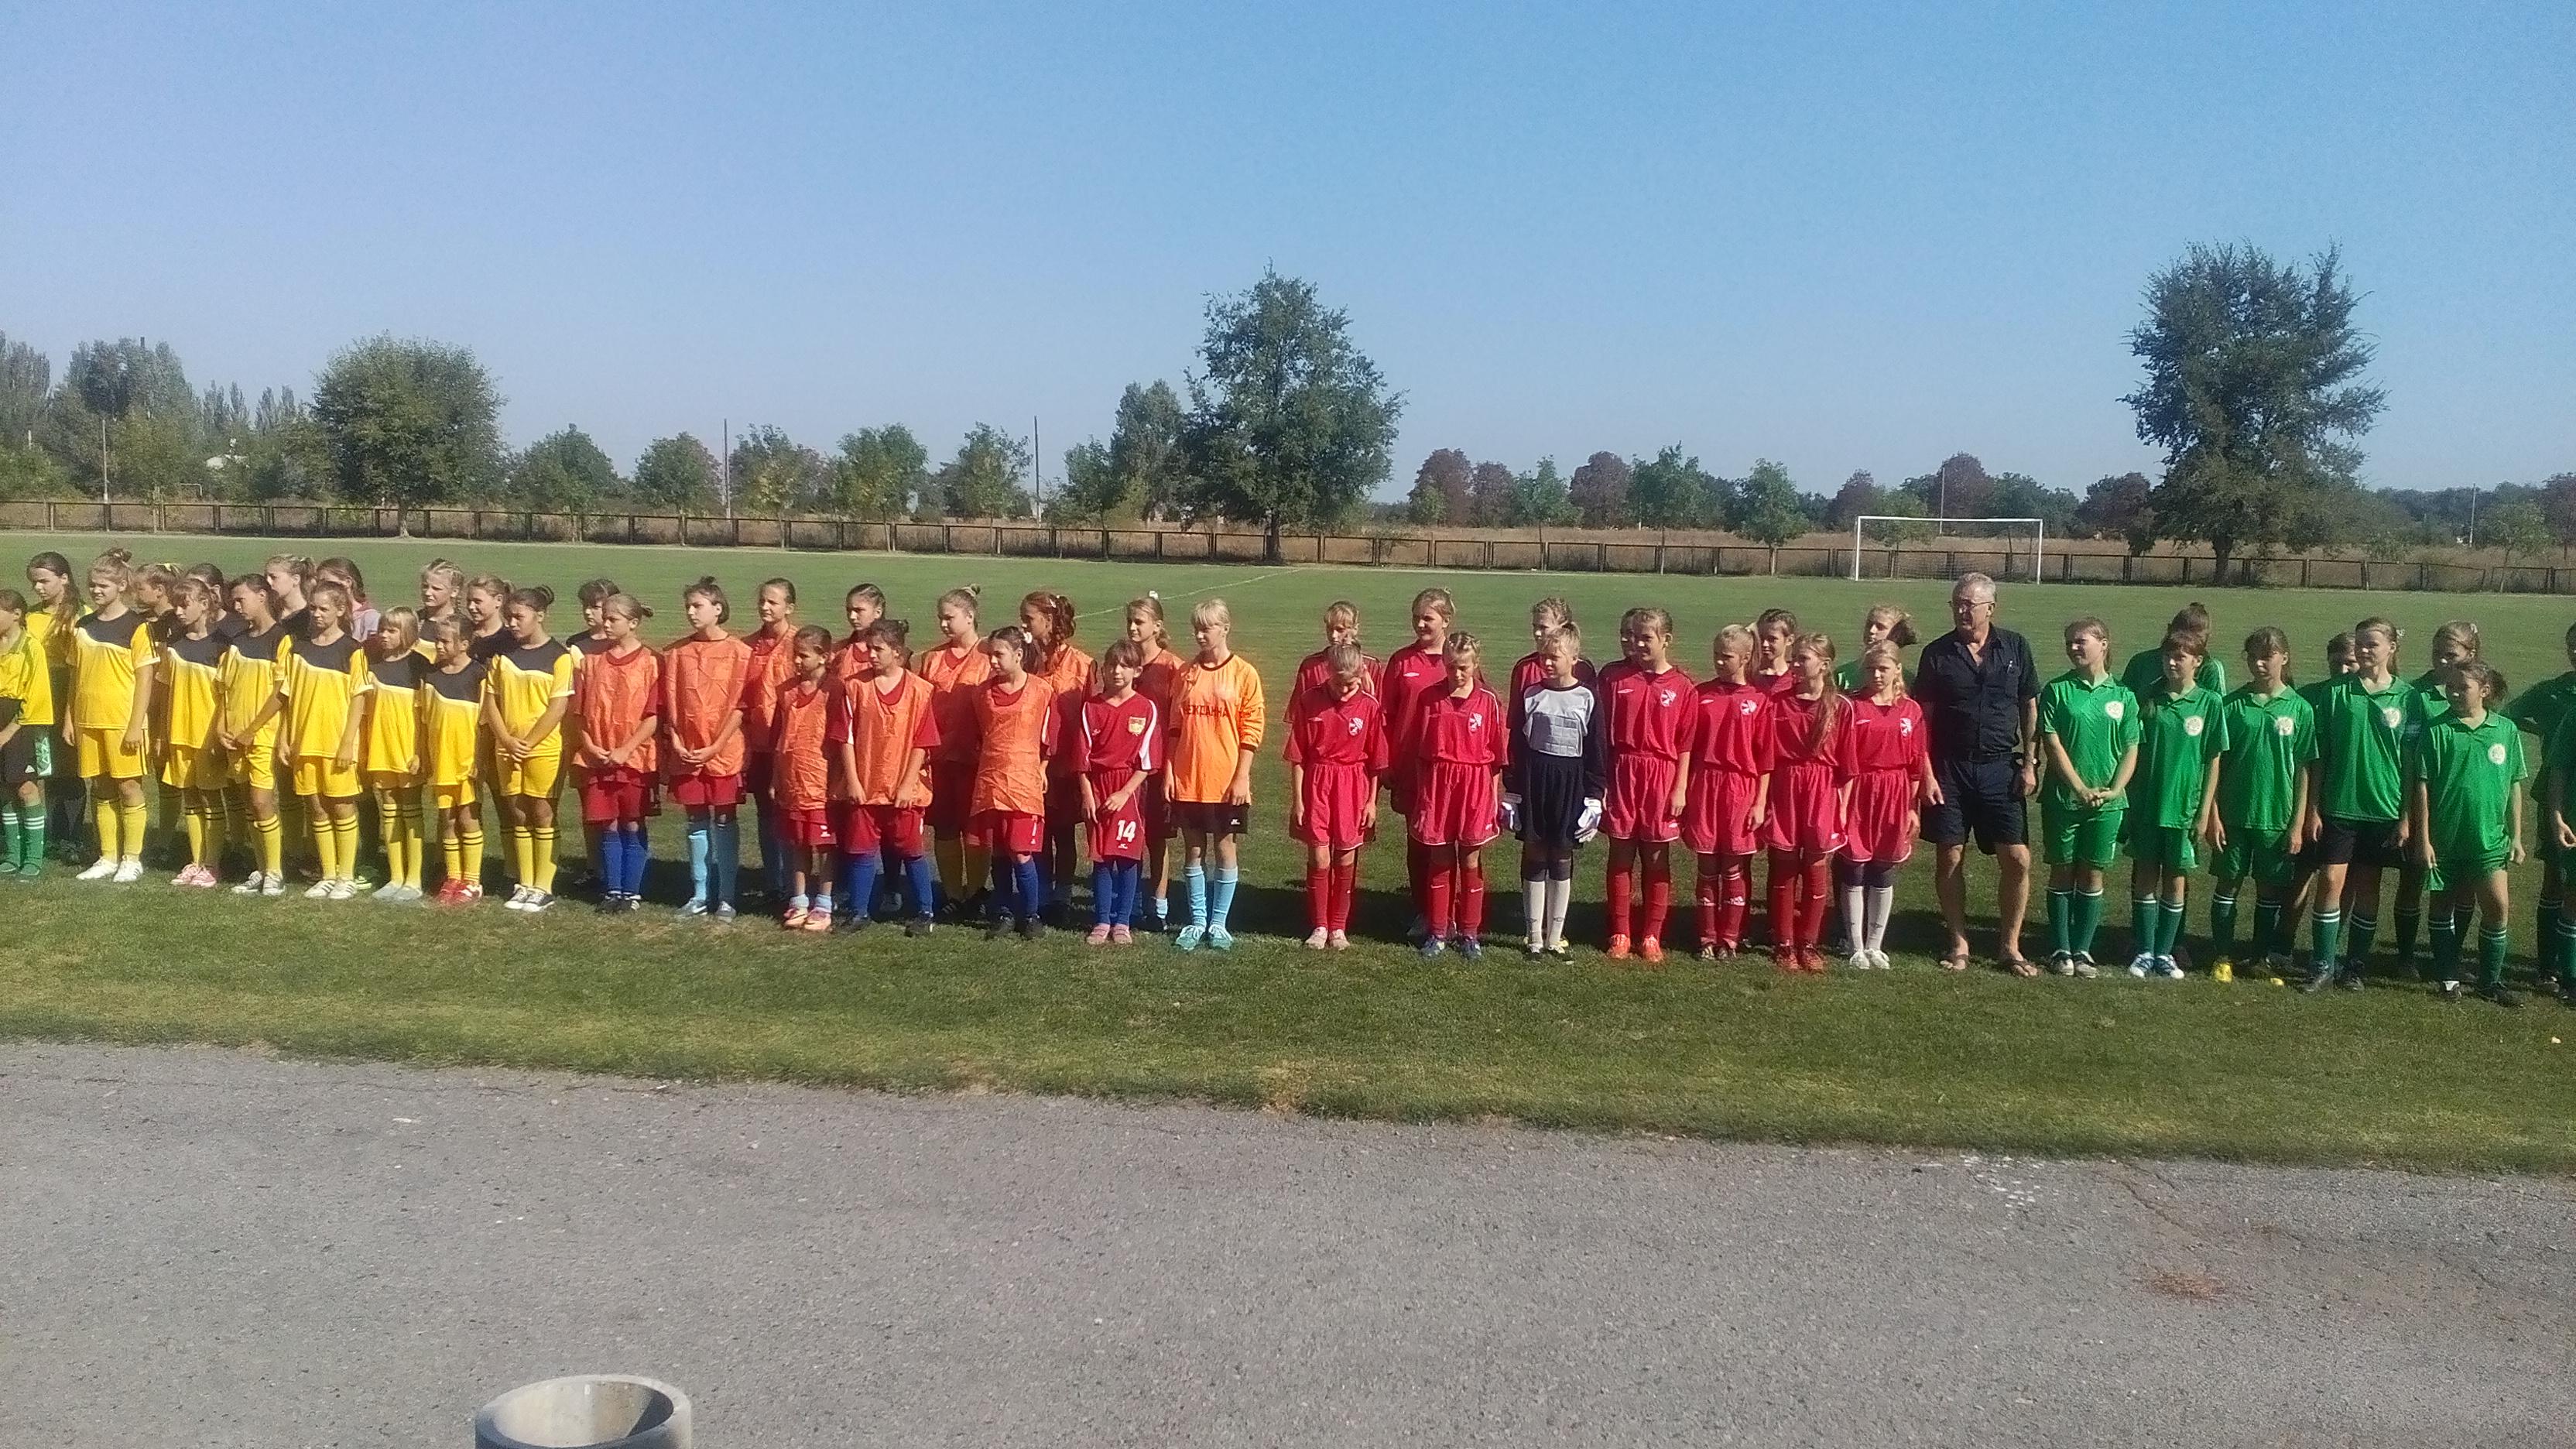 Підсумки  проведення І туру чемпіонату Херсонської області з футболу сезону 2016/2017 років серед команд дівчат 2002/2003 рр.н. ХОДЮФЛ.